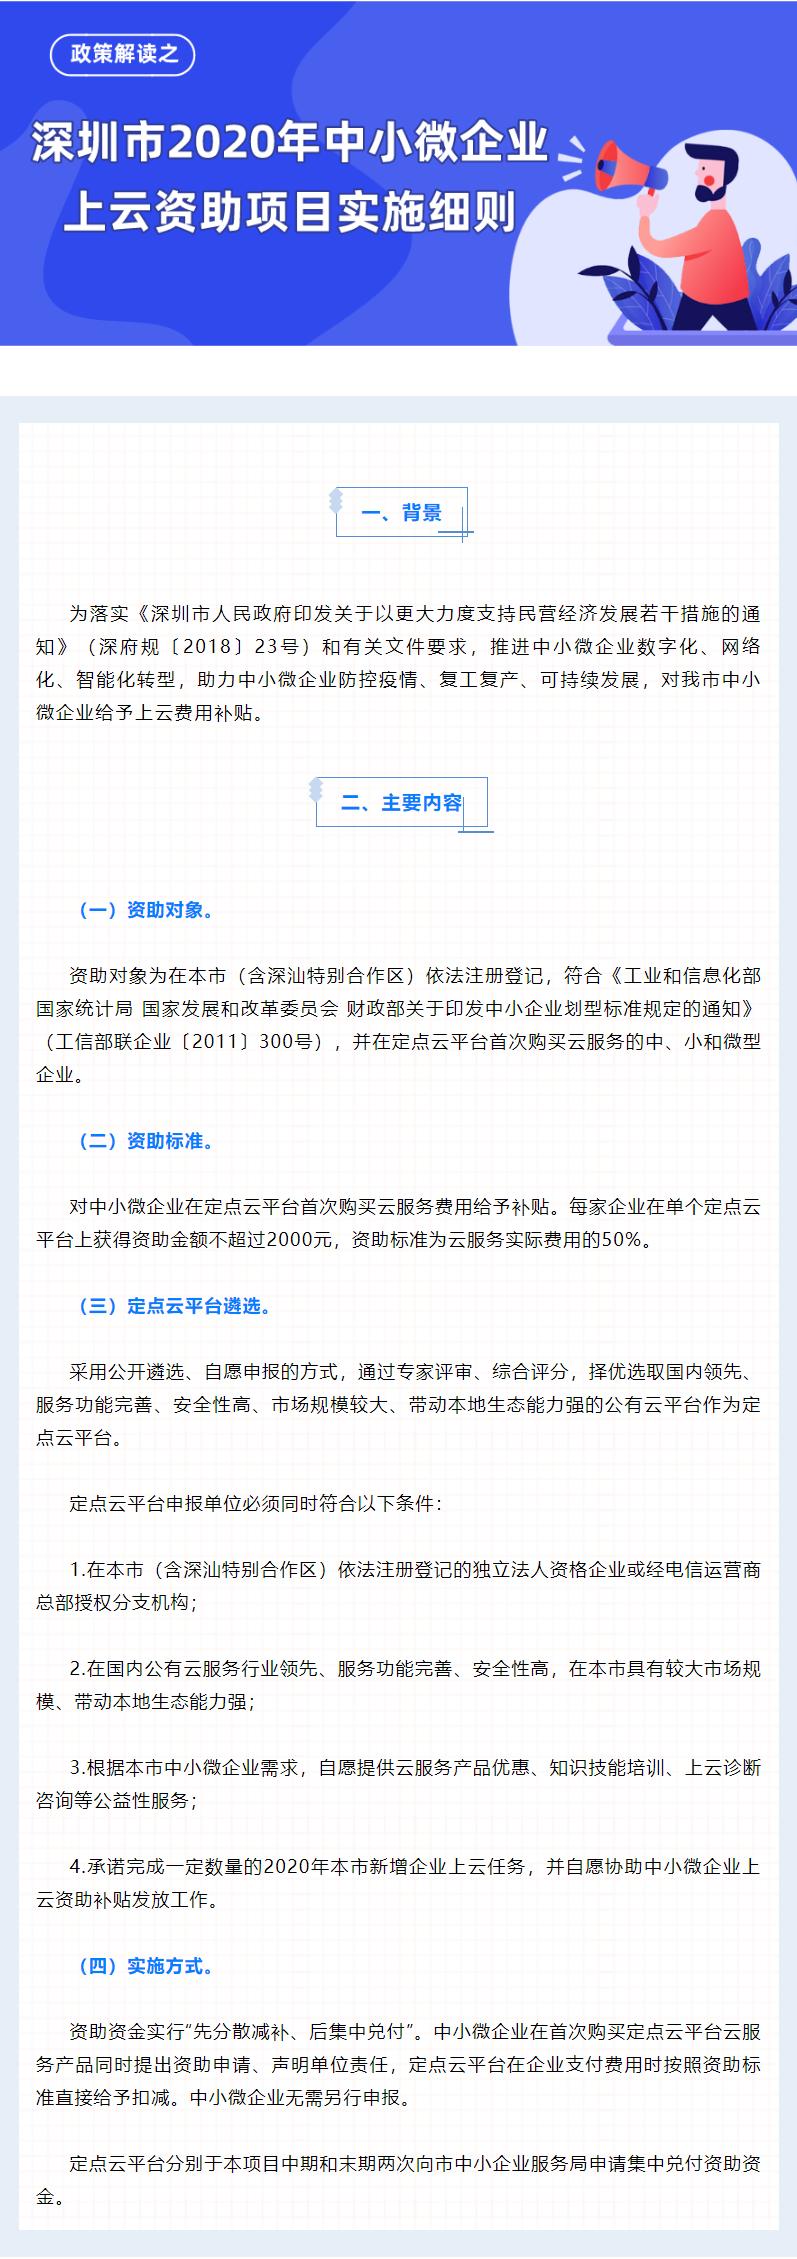 深圳市2020年中小微企业上云资助项目实施细则的政策解读.png